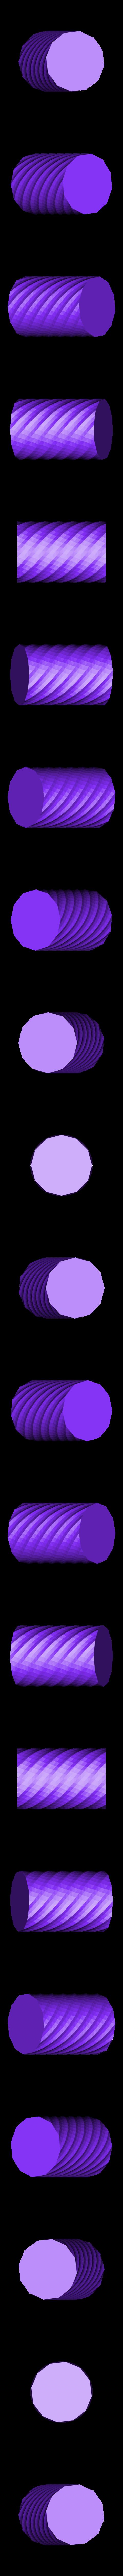 Shape_Generator_3.stl Télécharger fichier STL Vase torsadé • Plan pour impression 3D, 3DPrintingGurus